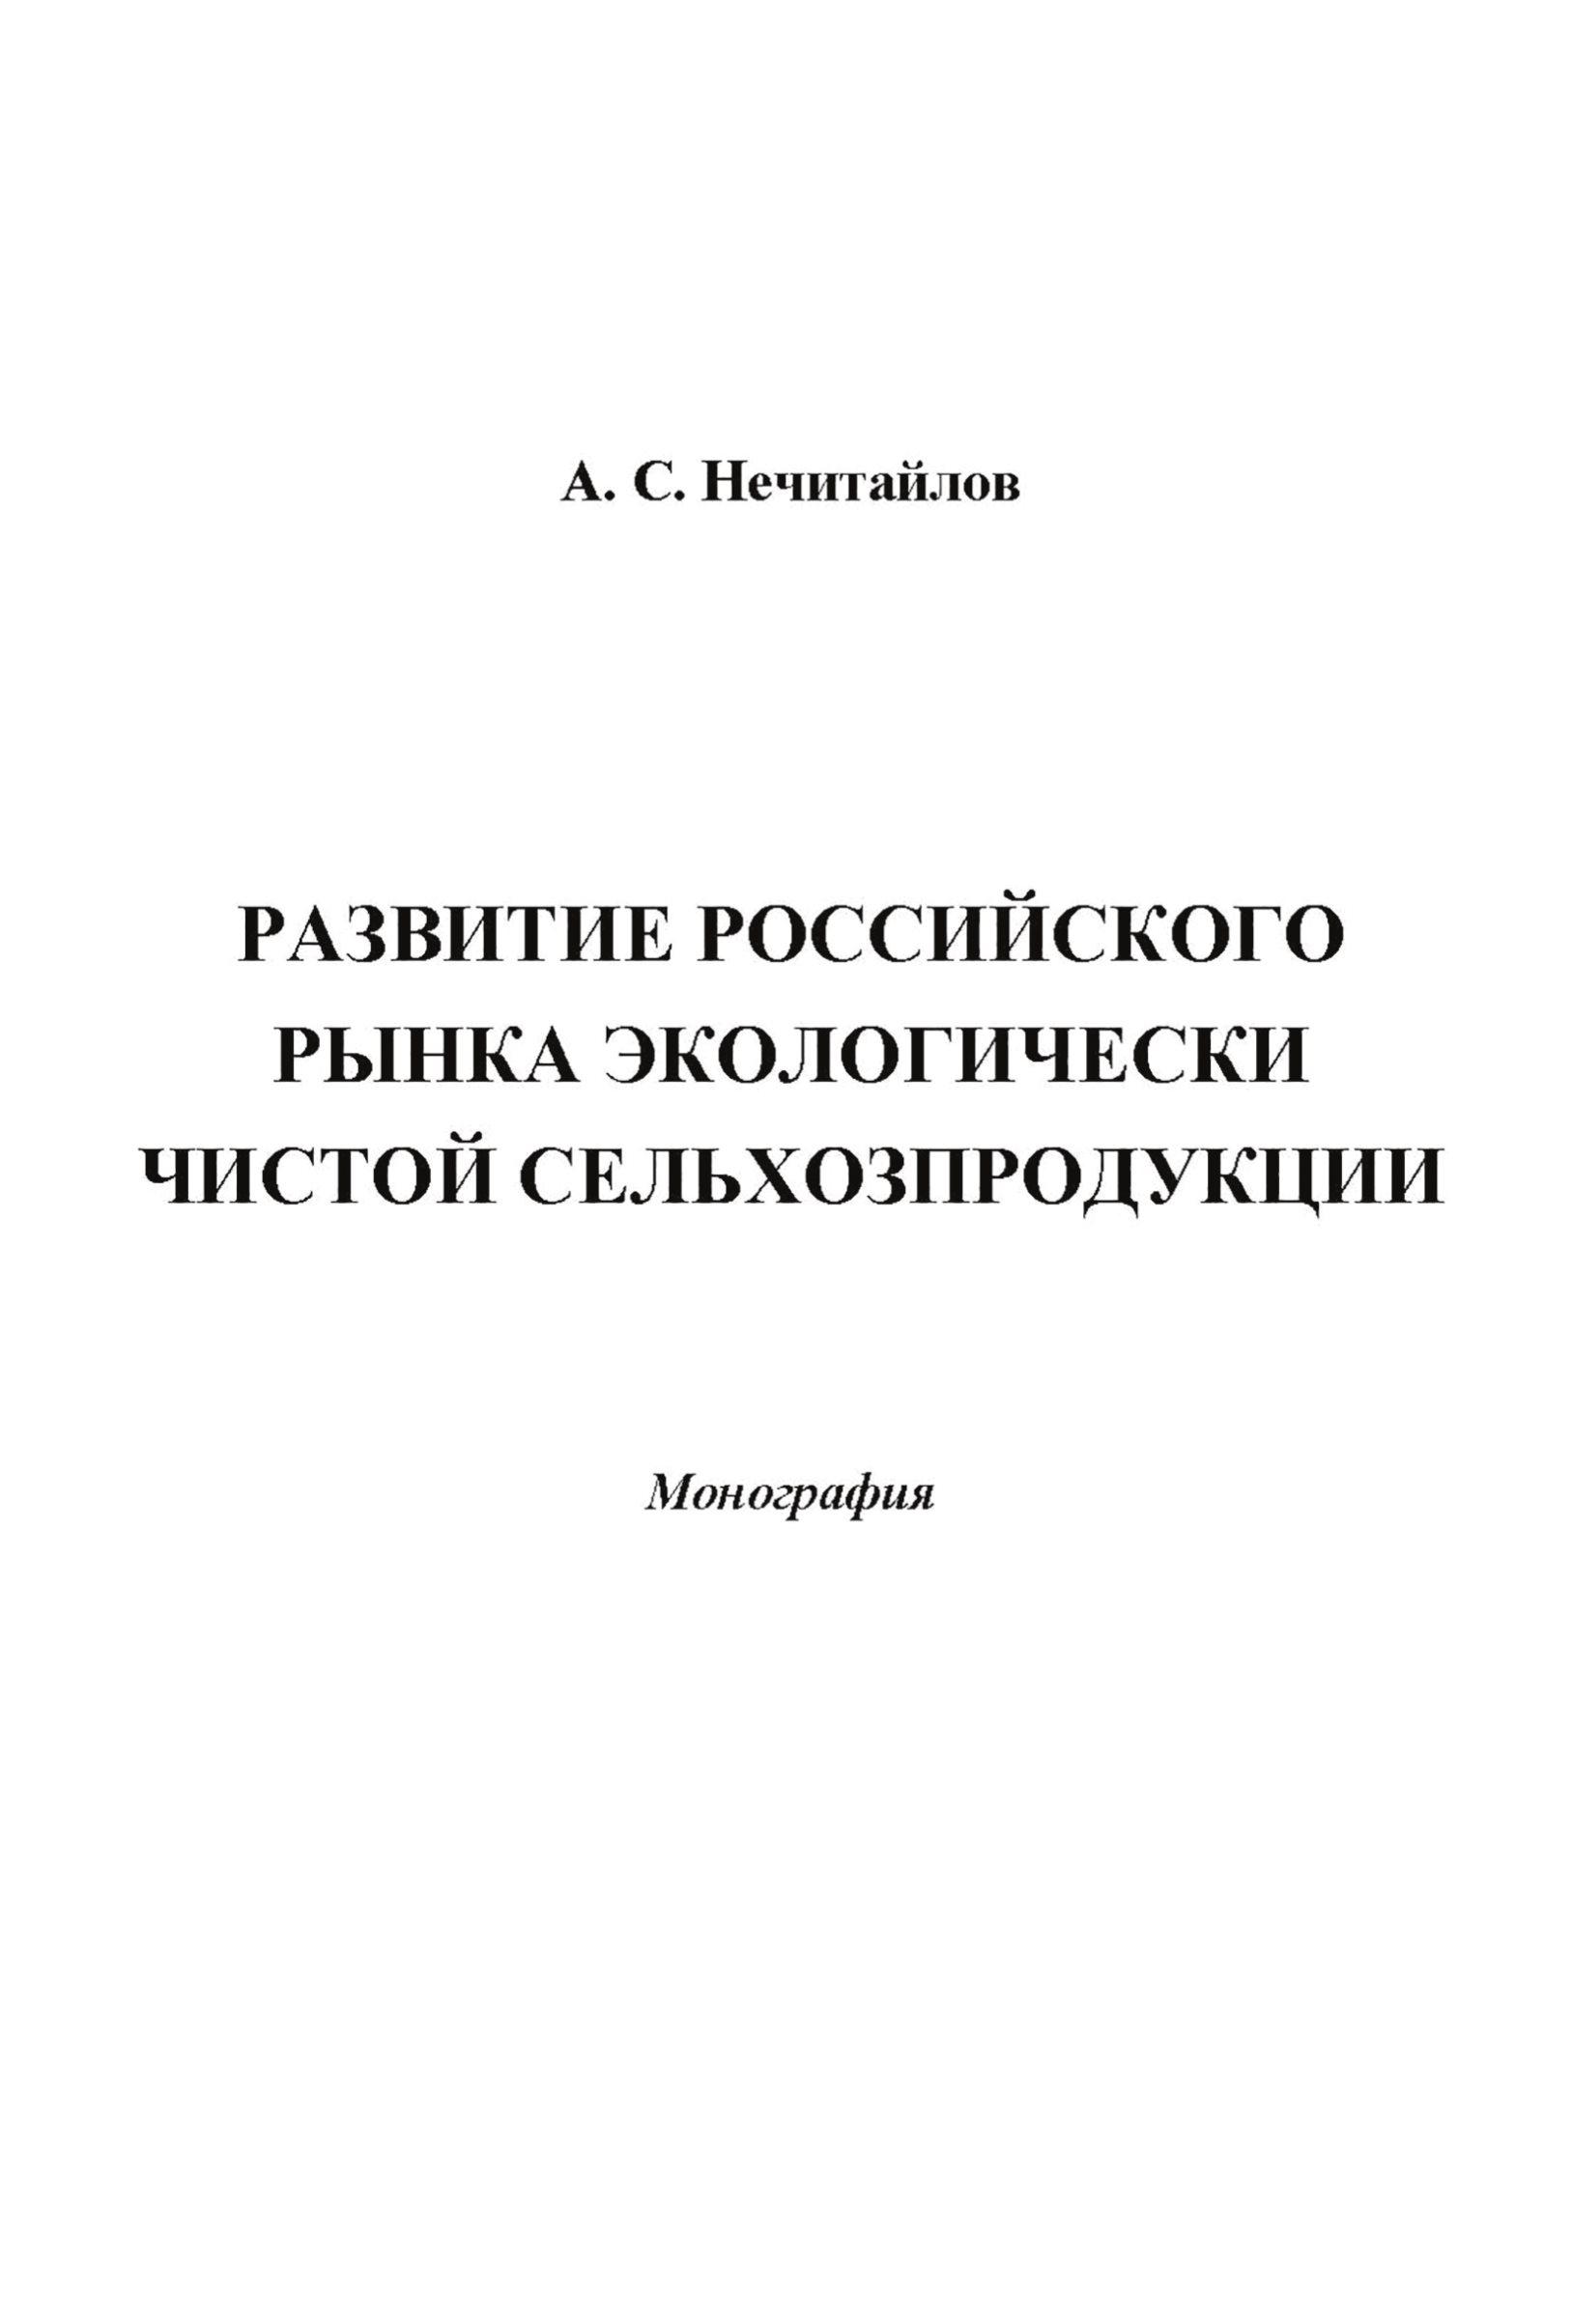 фото обложки издания Развитие российского рынка экологически чистой сельхозпродукции